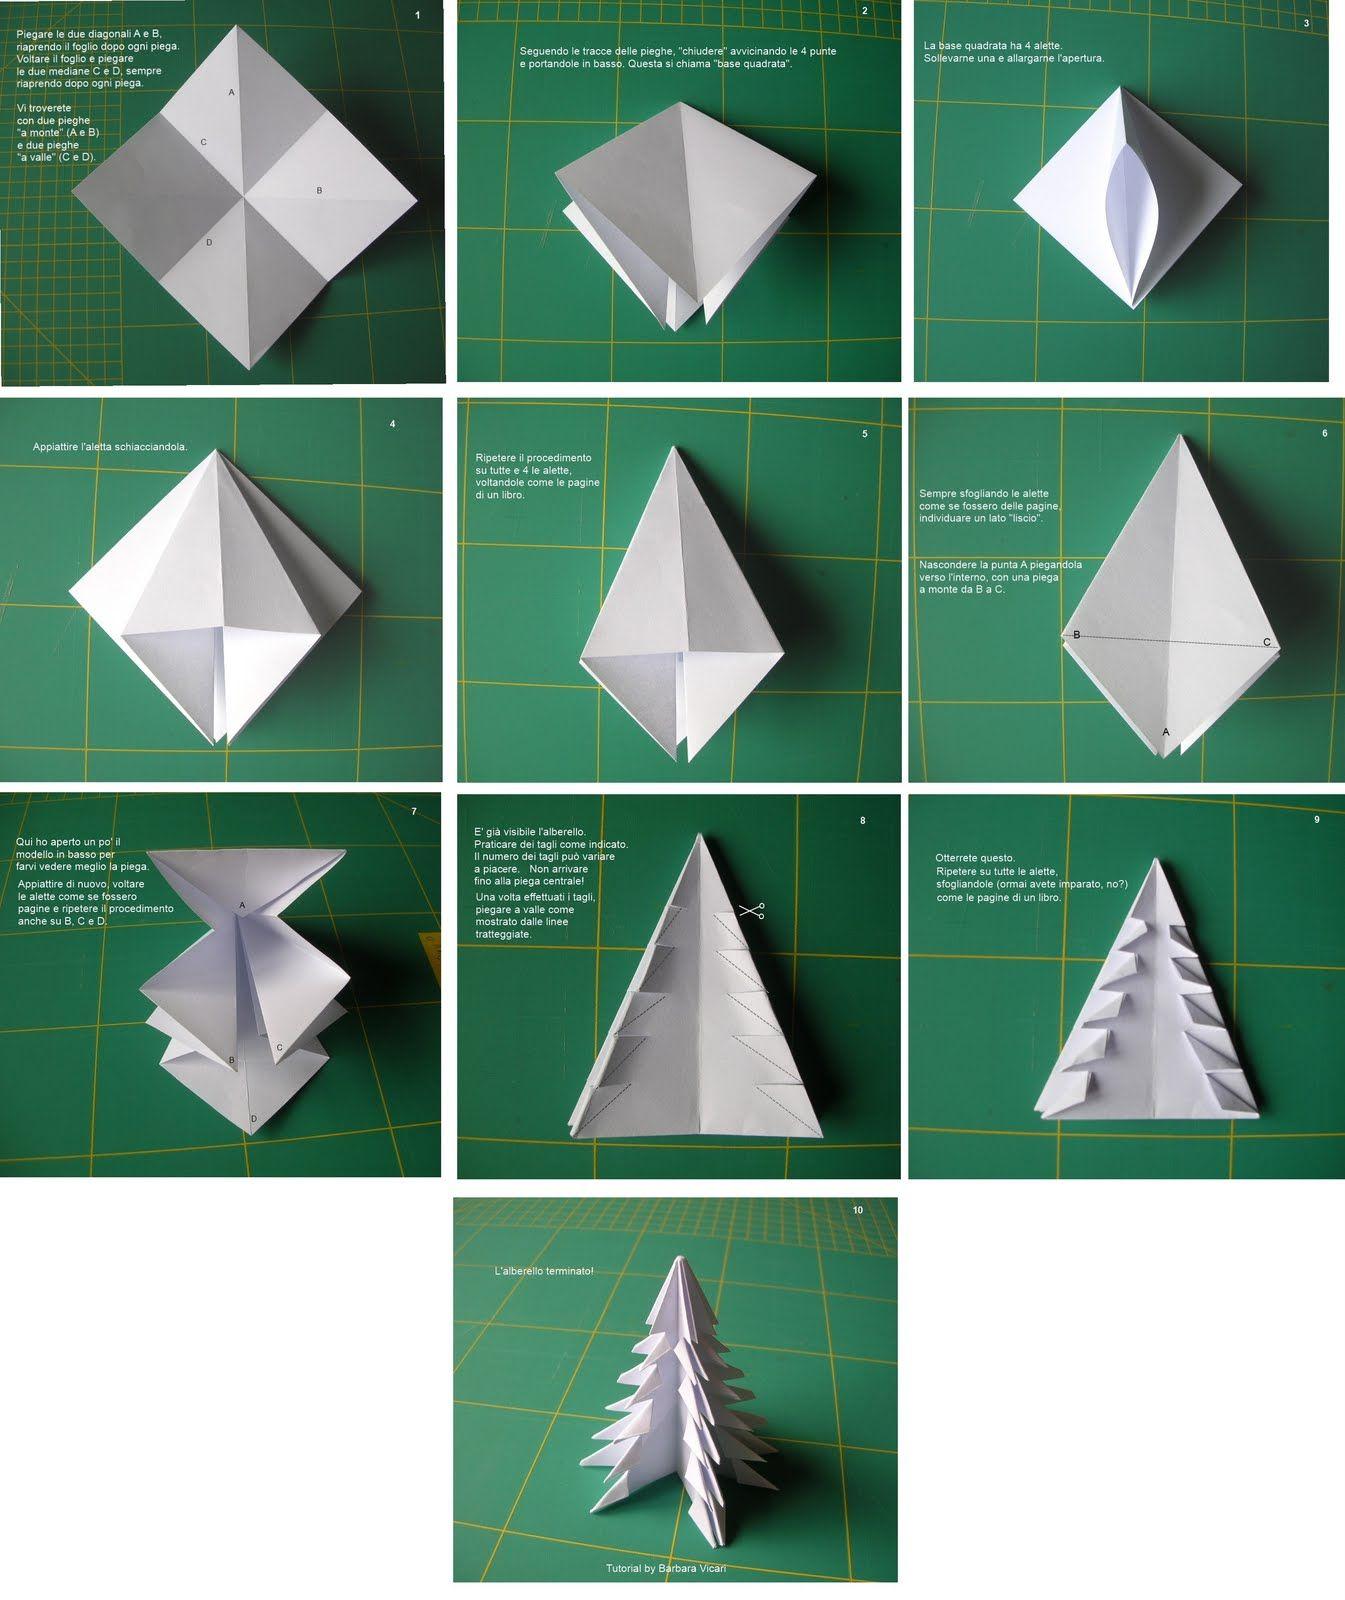 Todo con papel arbolito de navidad de origami artsmart - Arbol de papel manualidades ...